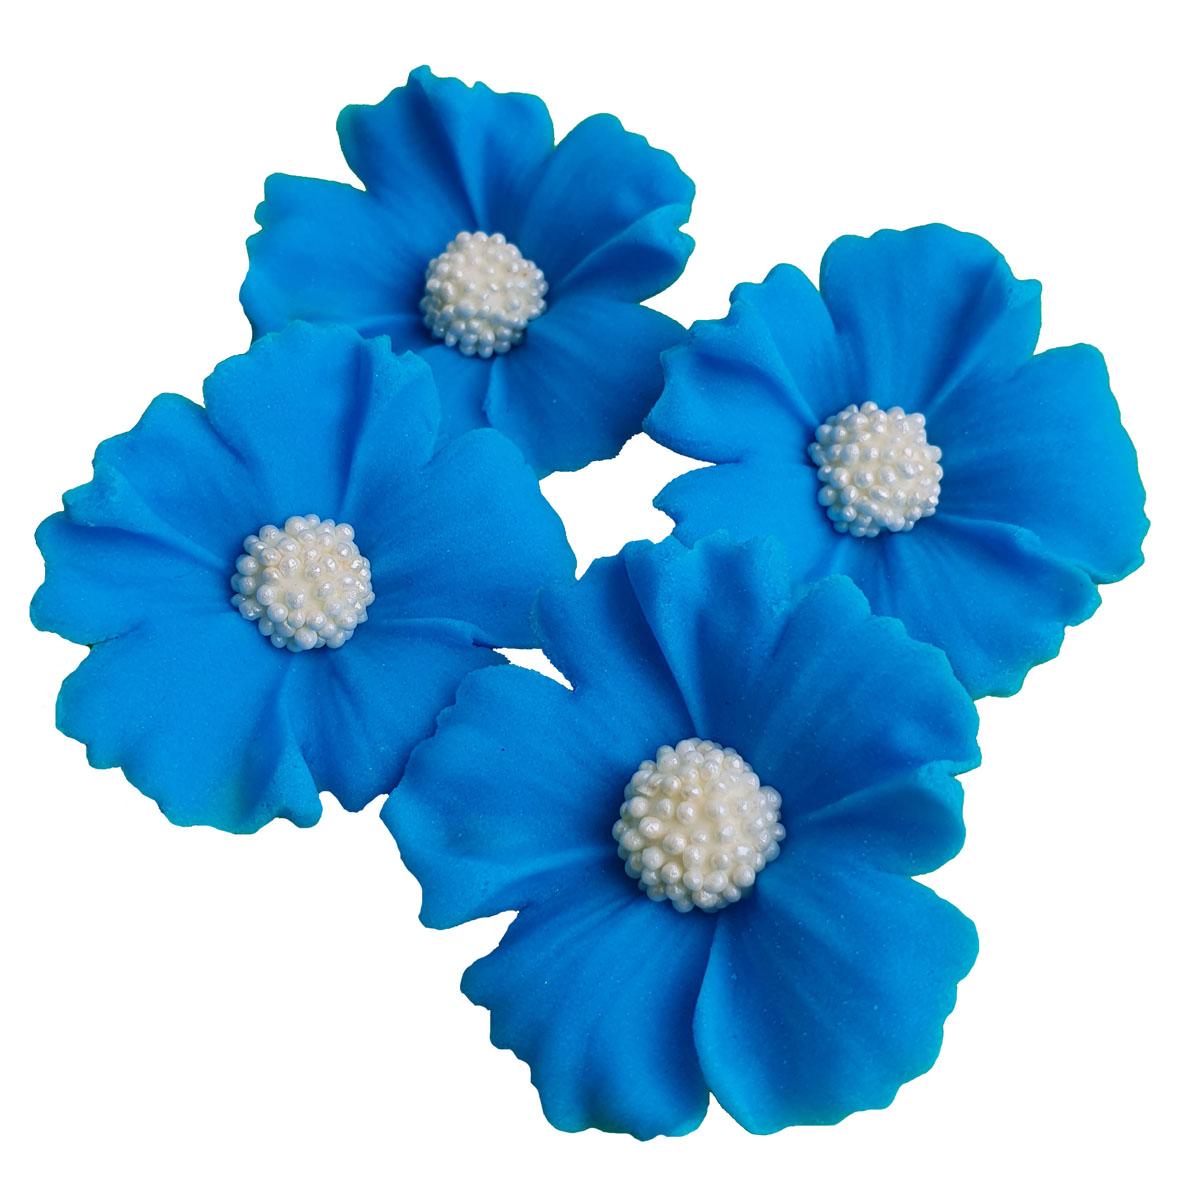 Zuckerblumen Kornblume 4 Stück - Blau